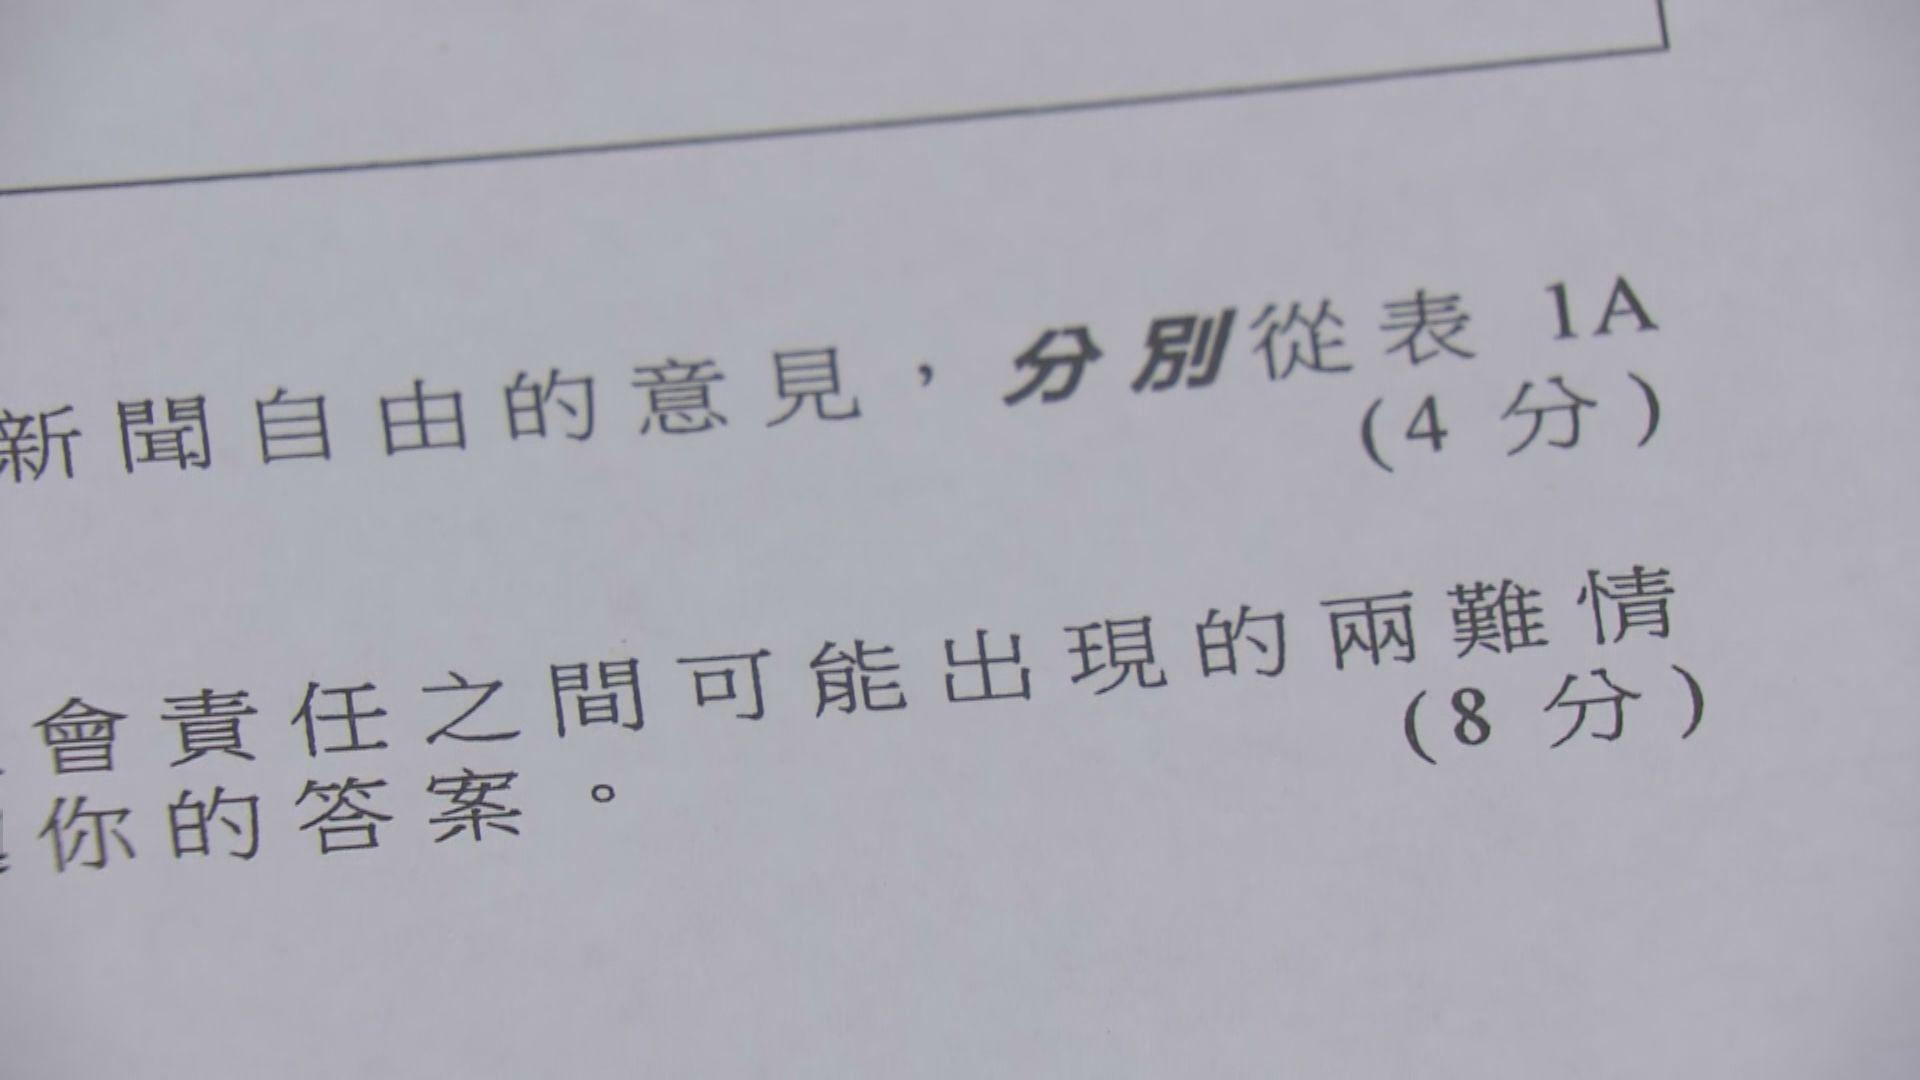 文憑試通識科談及香港新聞自由 考生聯想到警權問題